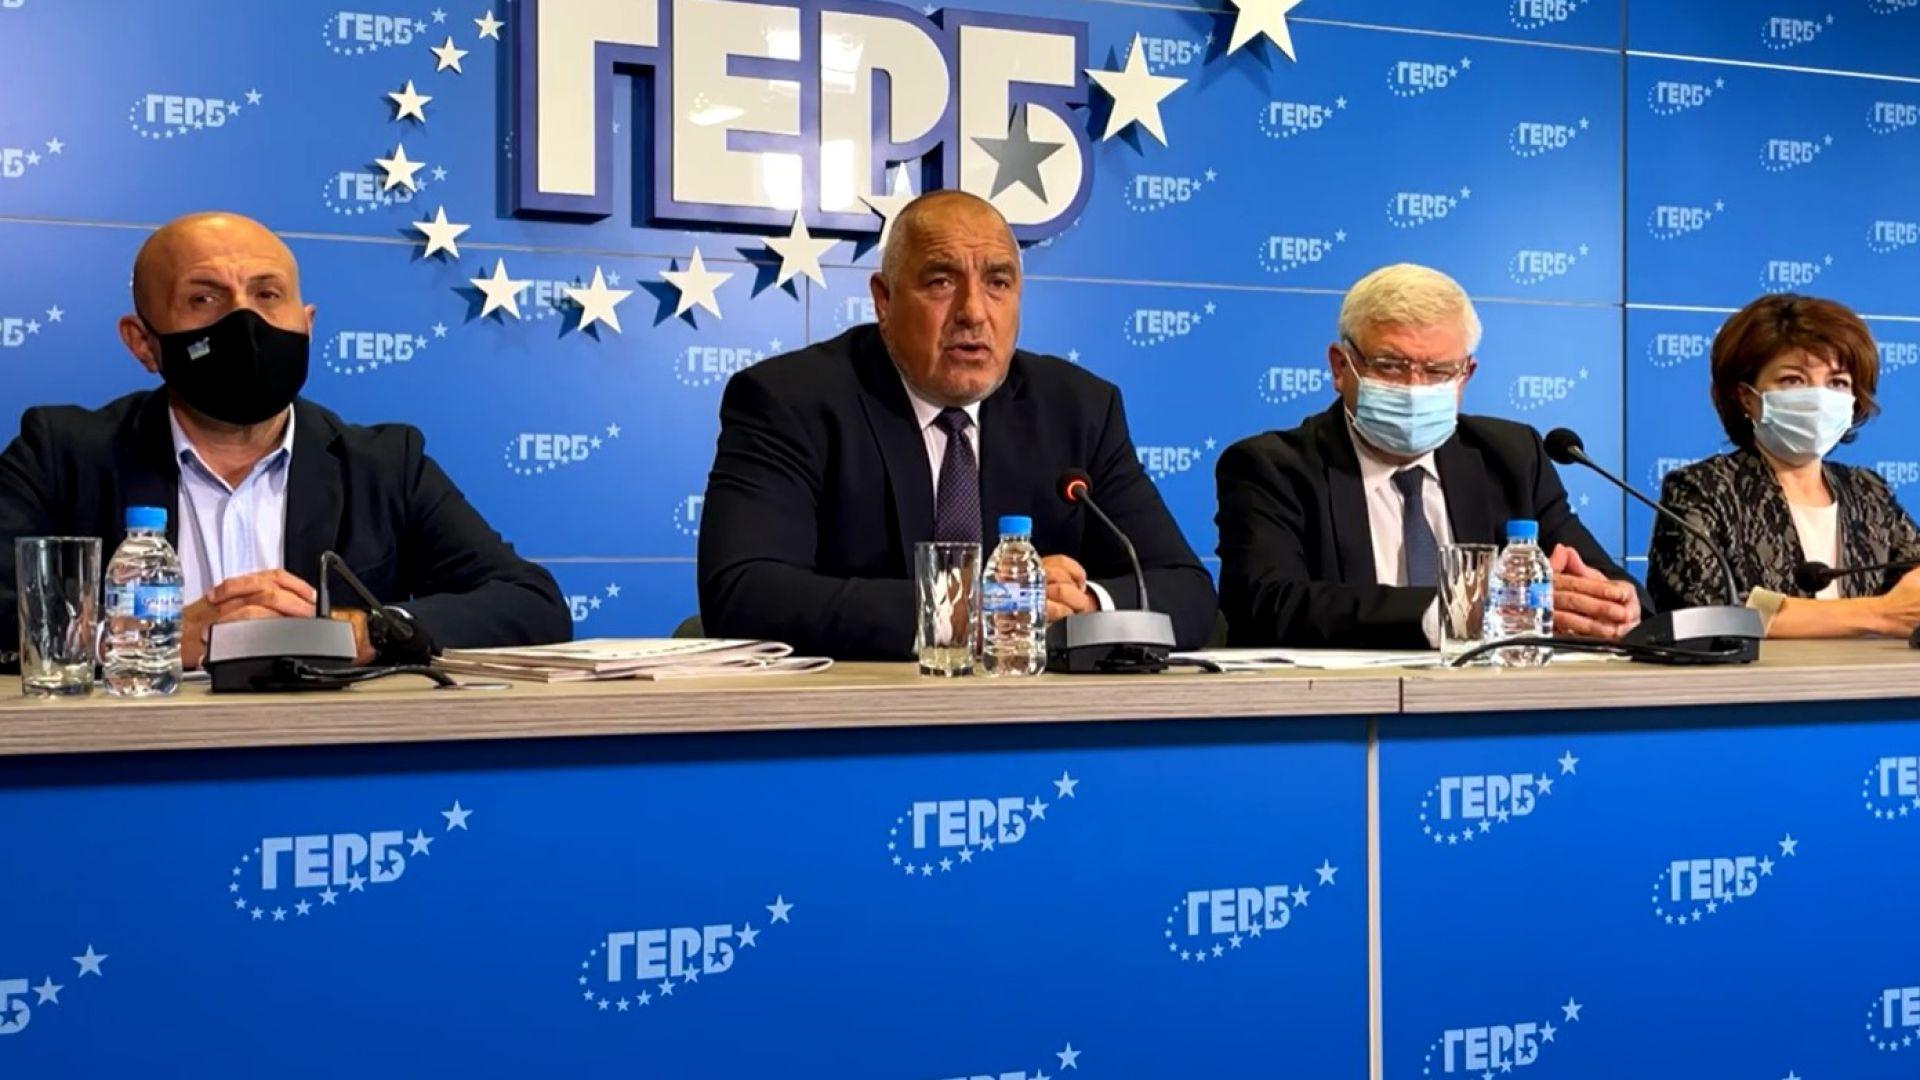 Бойко Борисов обвини партиите в НС, че угаждат на диктатора Радев (видео)